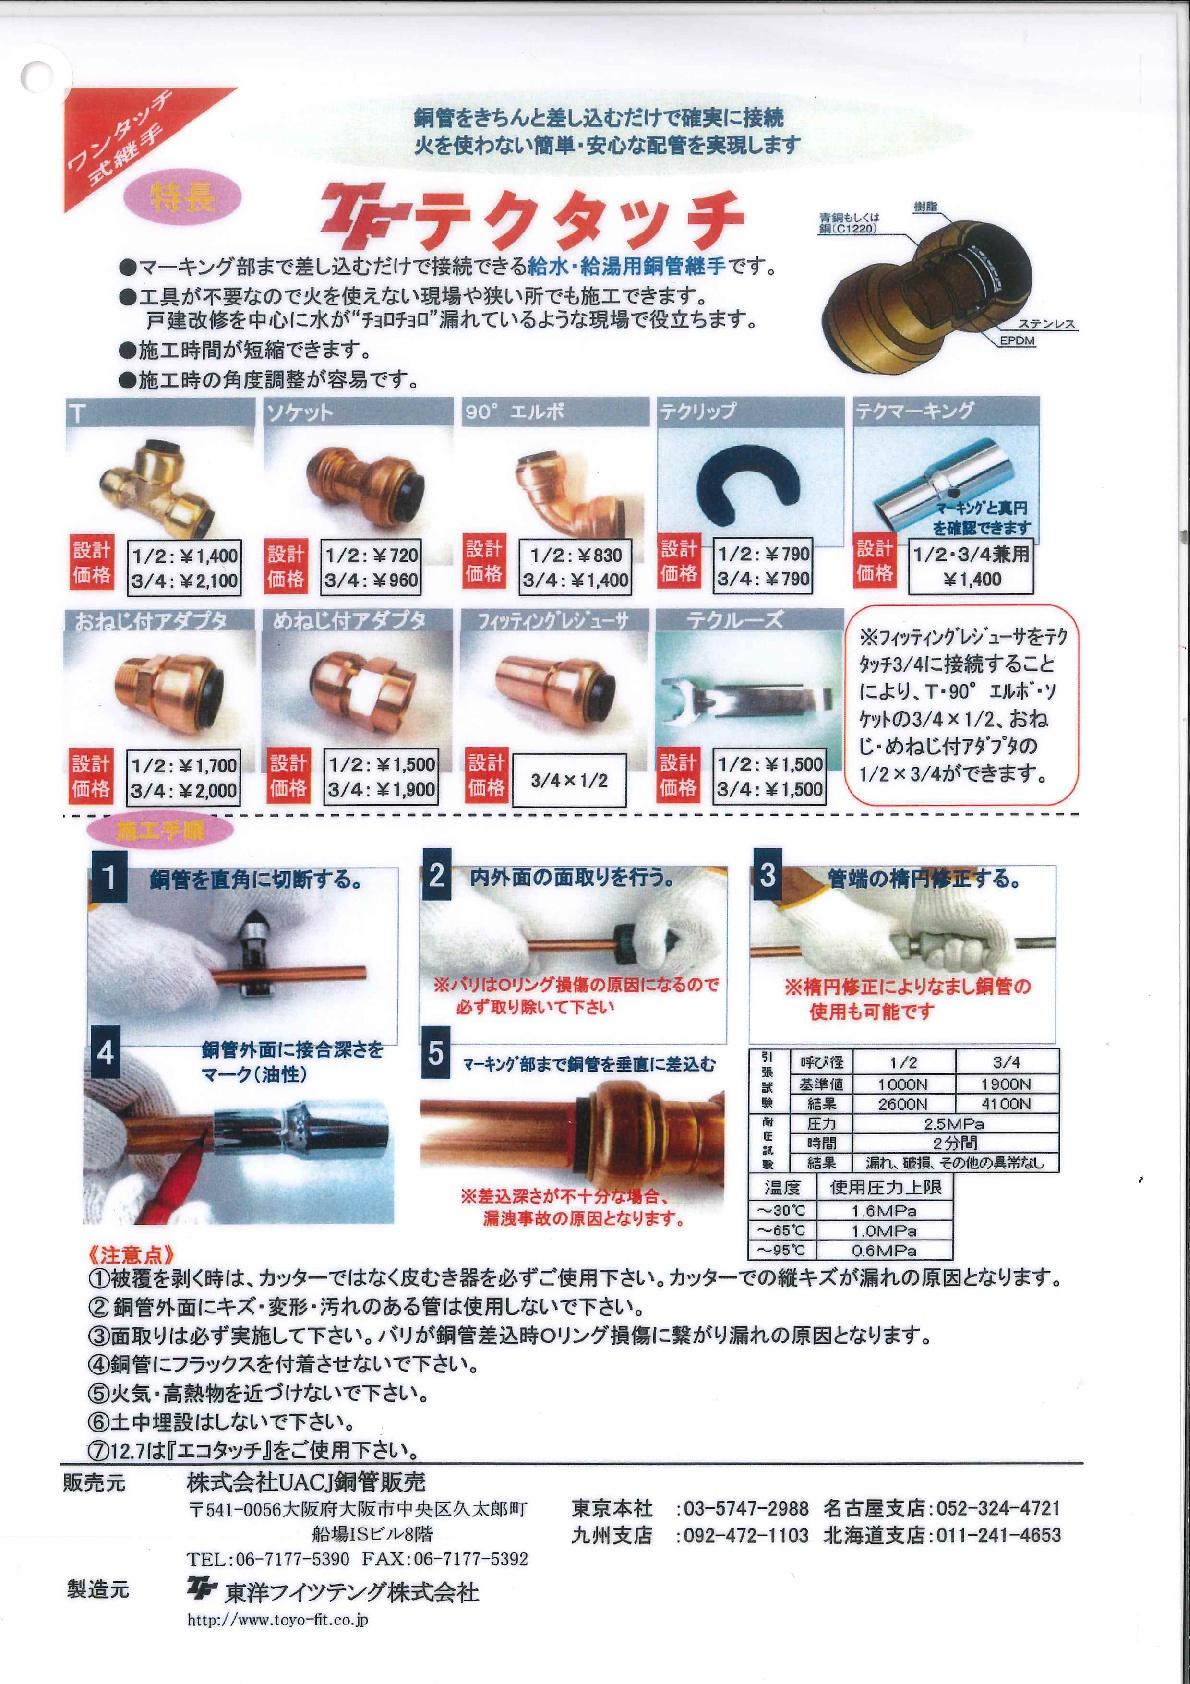 20170829金子産業(トピックス テックタッチ画像)